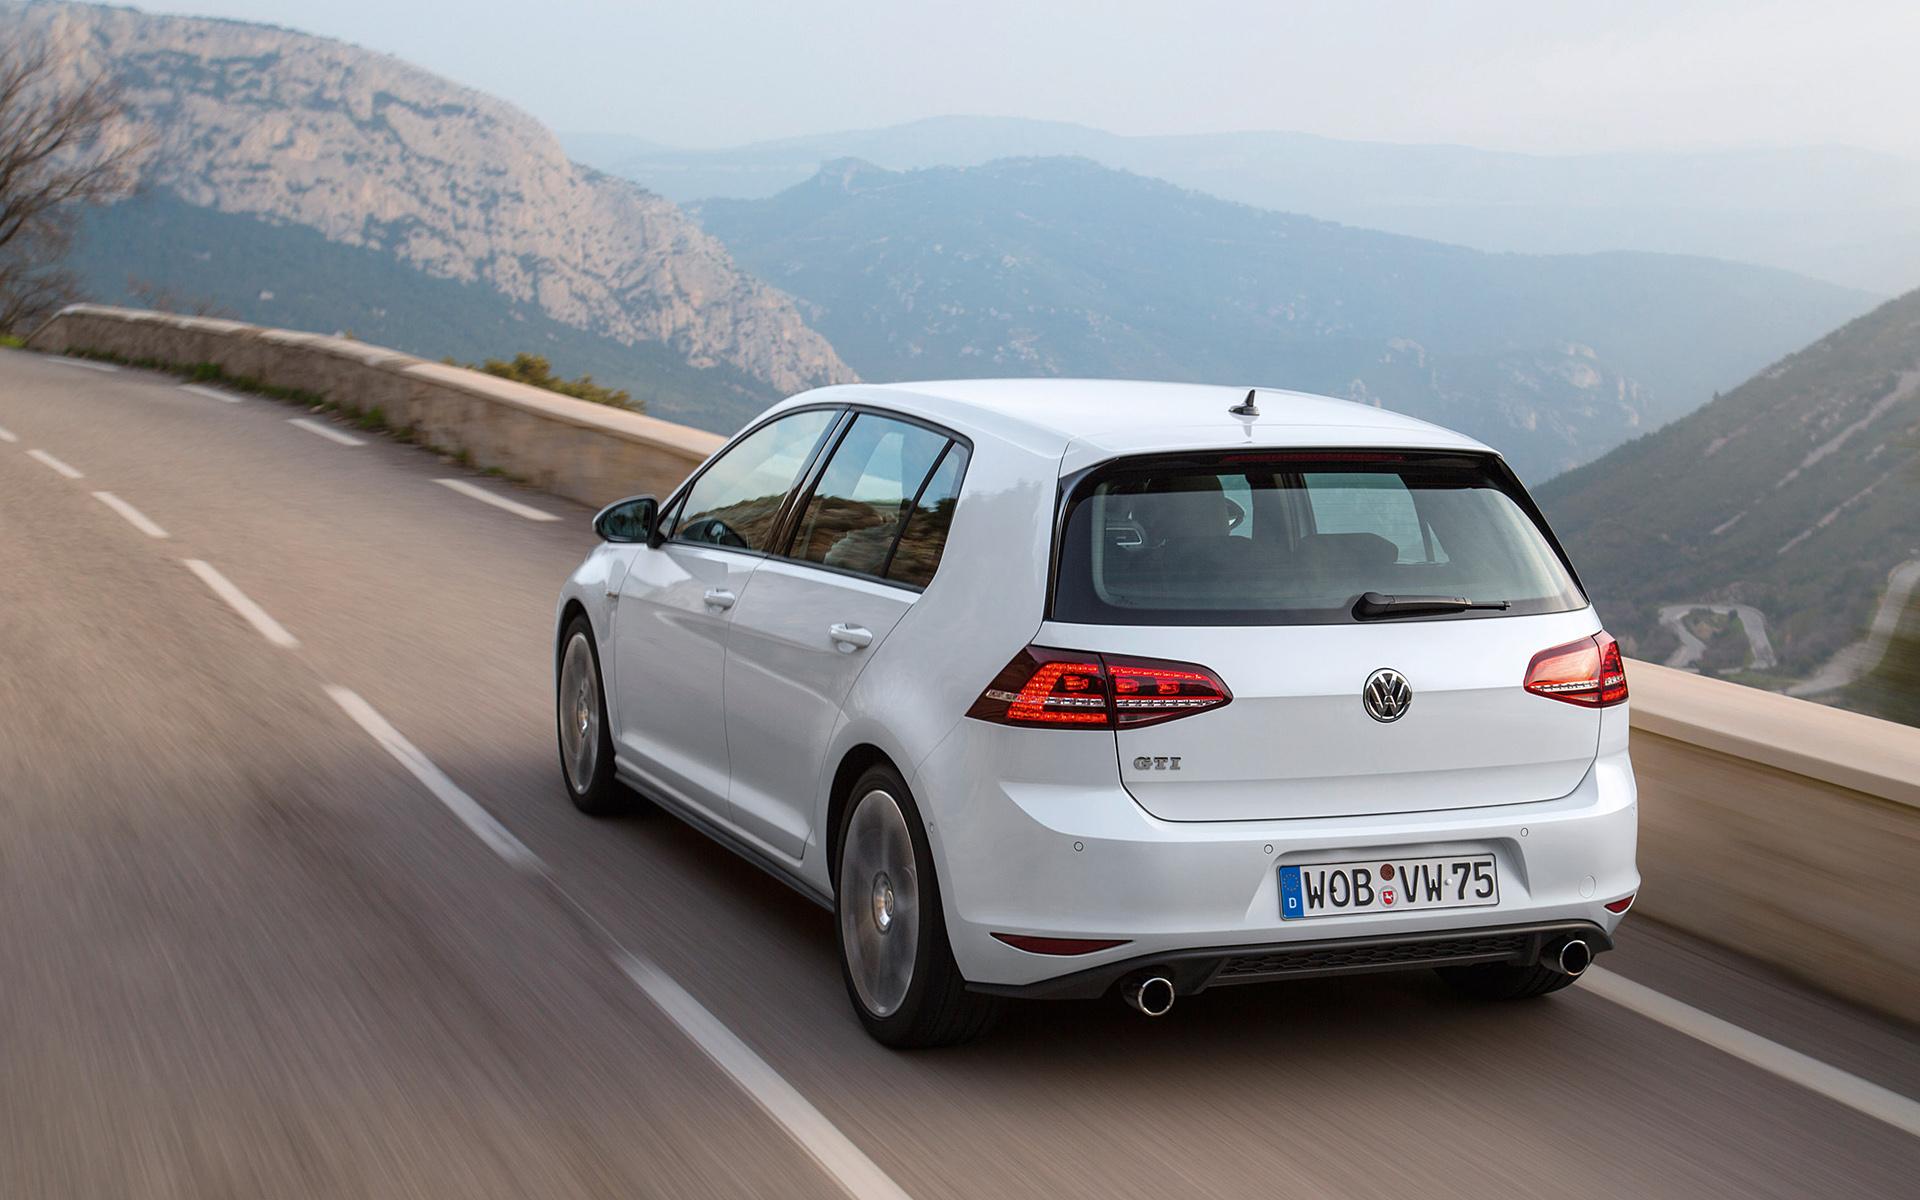 Volkswagen GTI 2014 Wallpaper   Vdub Newscom 1920x1200